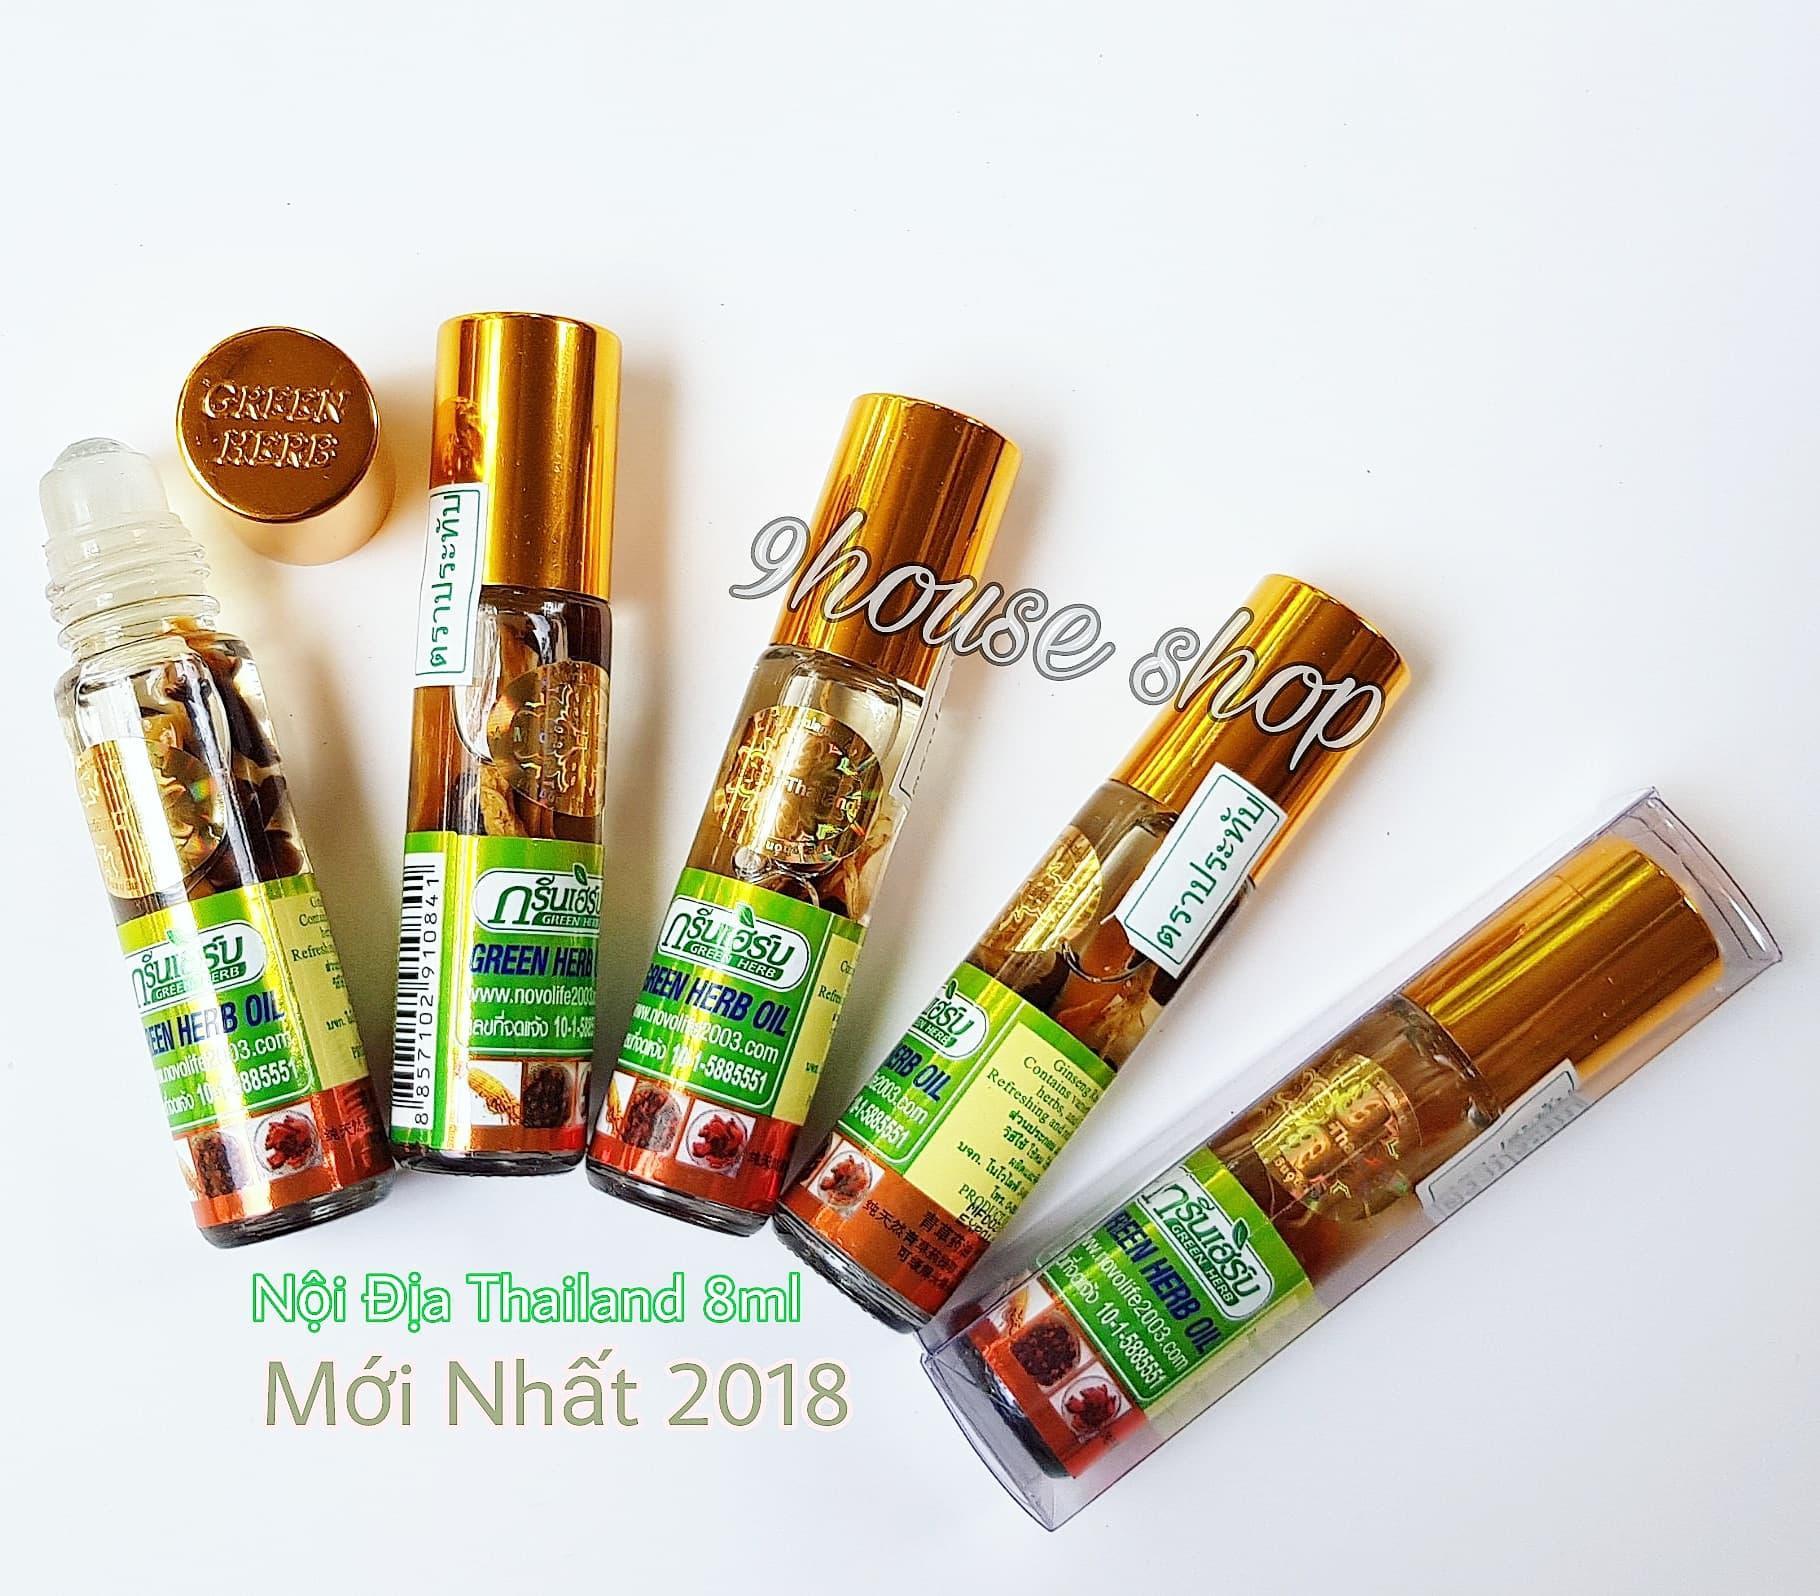 02 chai dầu nhân sâm Green Herb Oil Thái Lan (tem nội địa Thái) tốt nhất